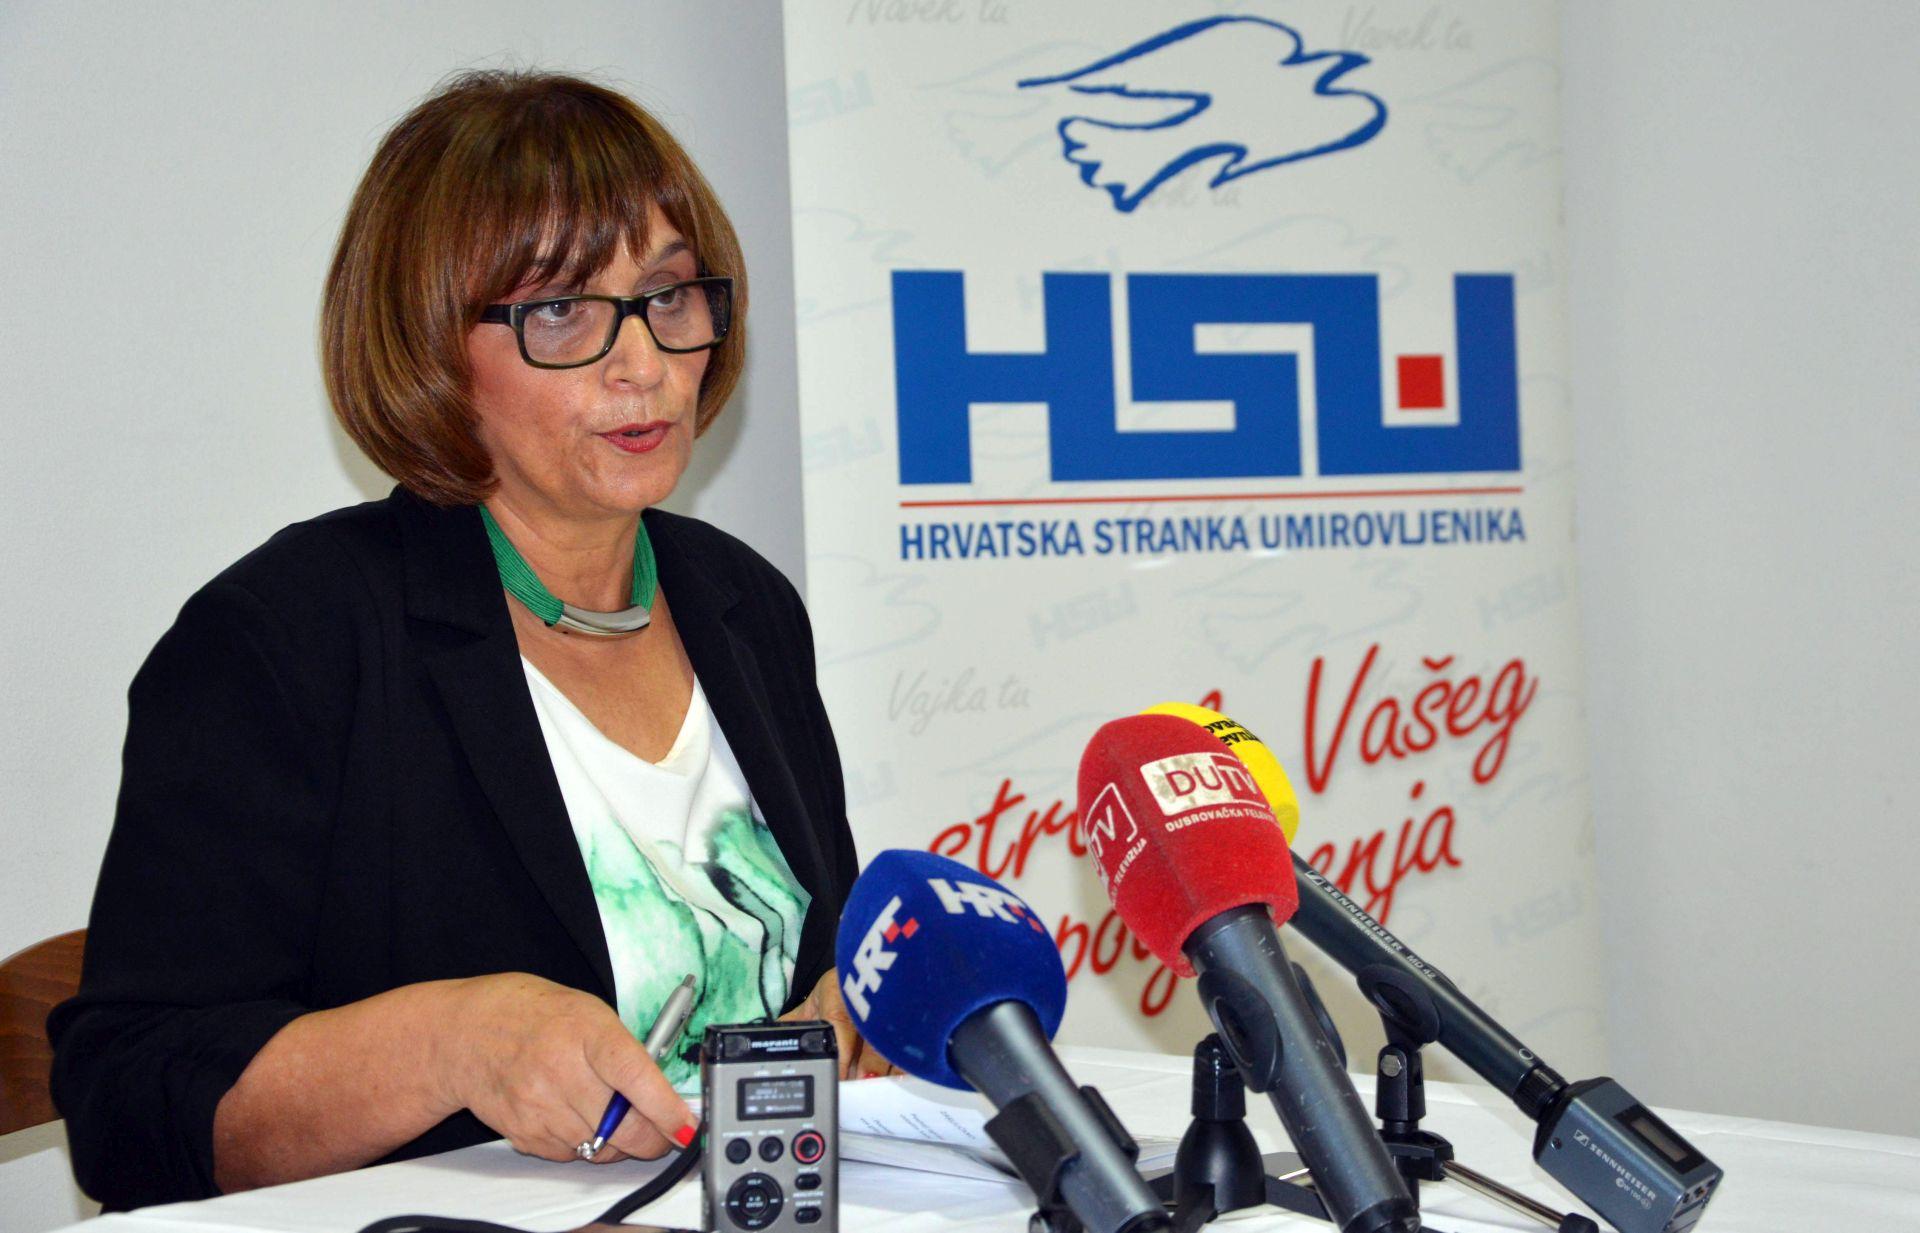 Muratti podnijela kaznenu prijavu zbog 107 preferencijalnih glasova manje na izborima